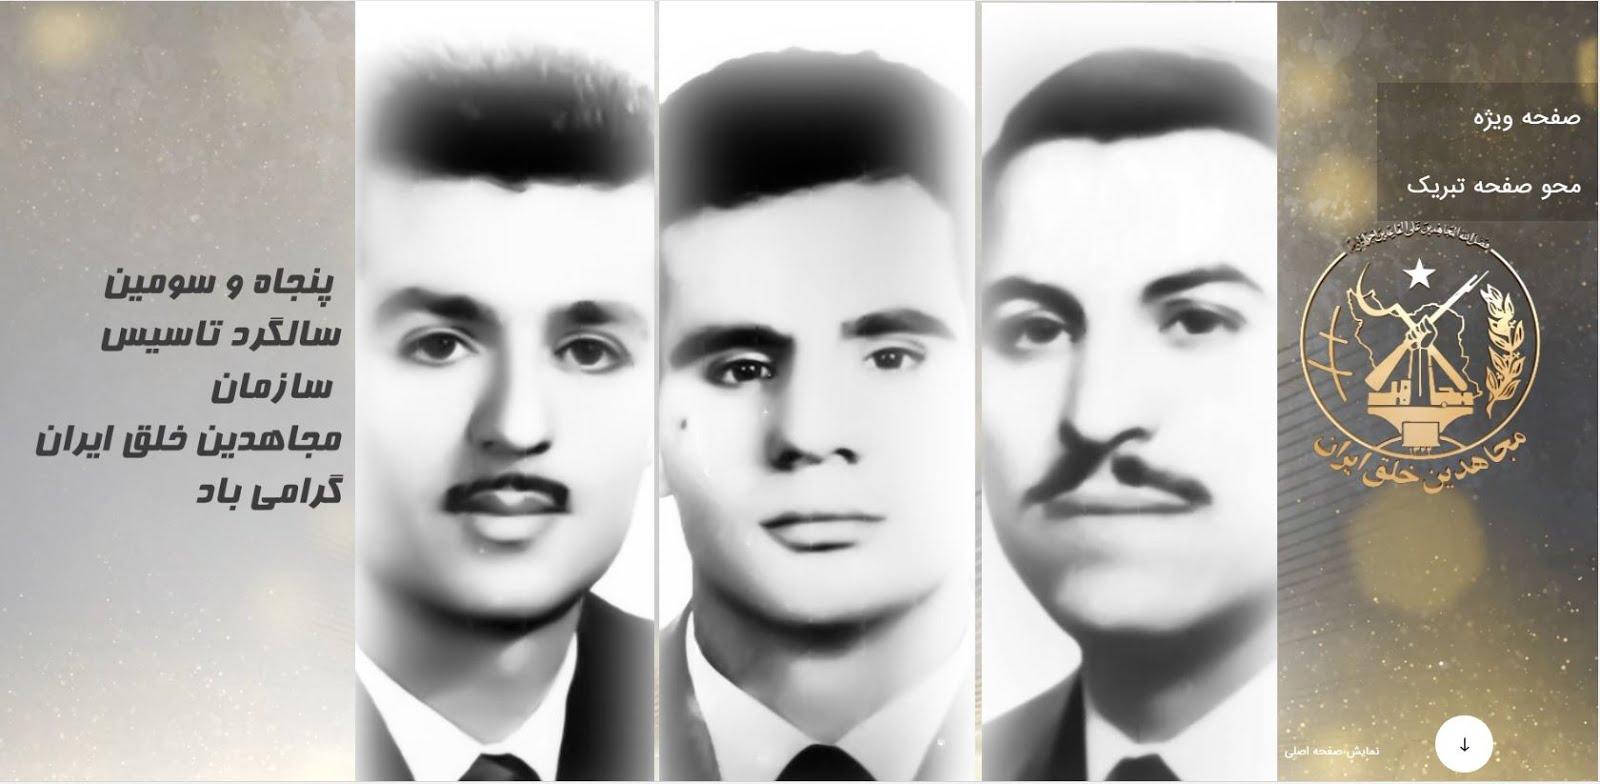 آغاز پنجاه وچهارمین سال تاسیس سازمان پرافتخار مجاهدین خلق ایران مبارک باد